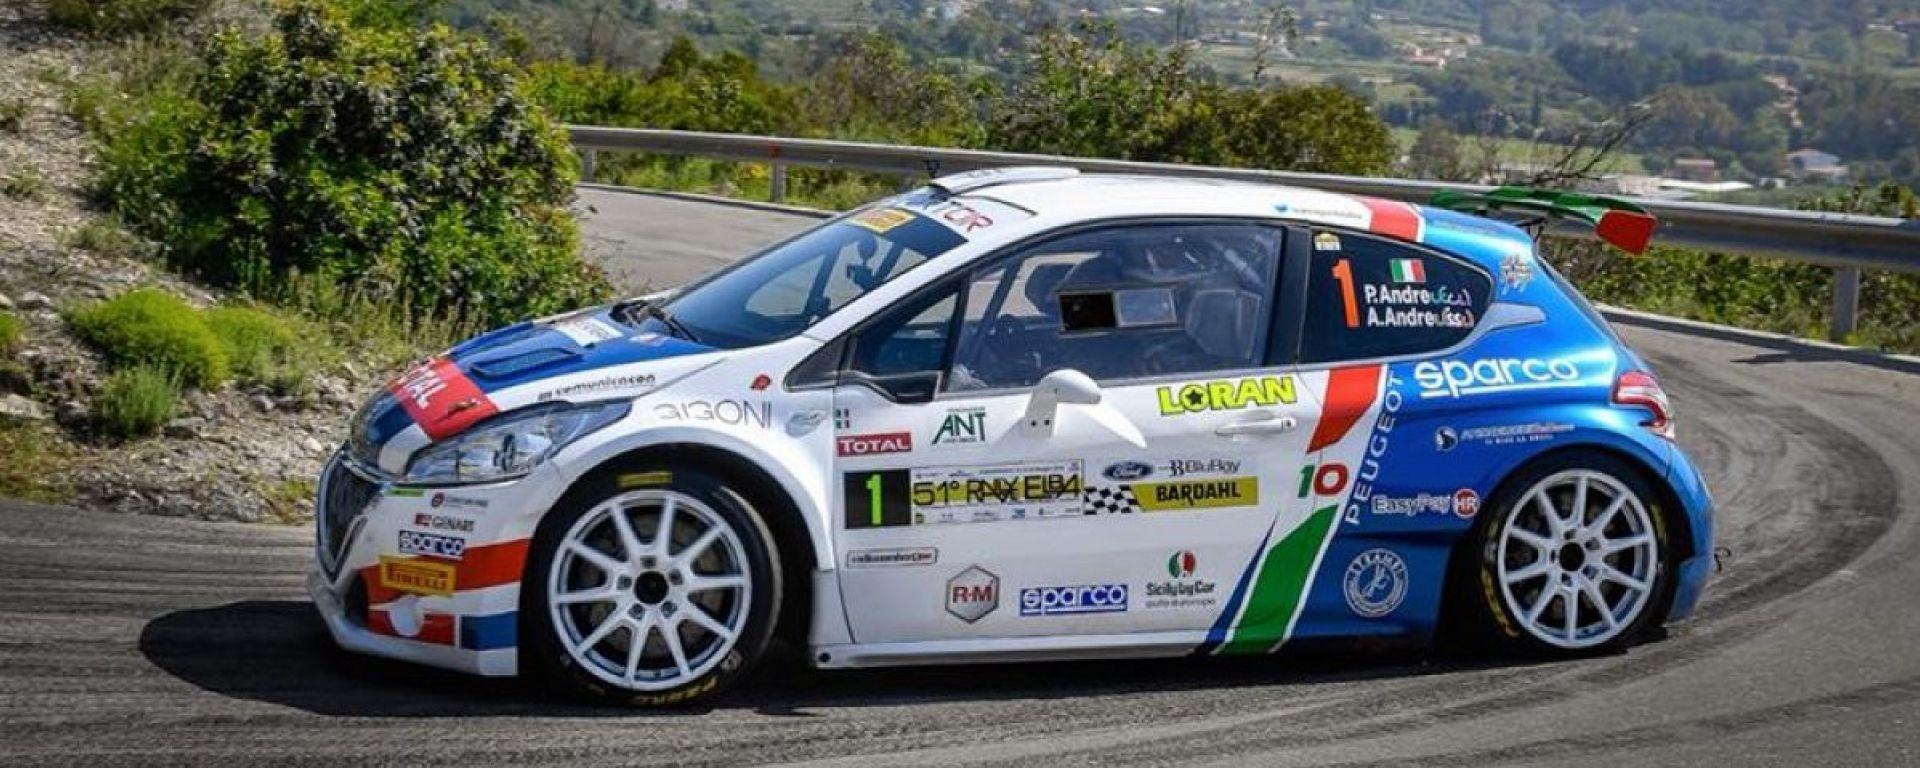 Incidente per Campedelli, in testa al Rally Isola d'Elba c'è Andreucci con Peugeot